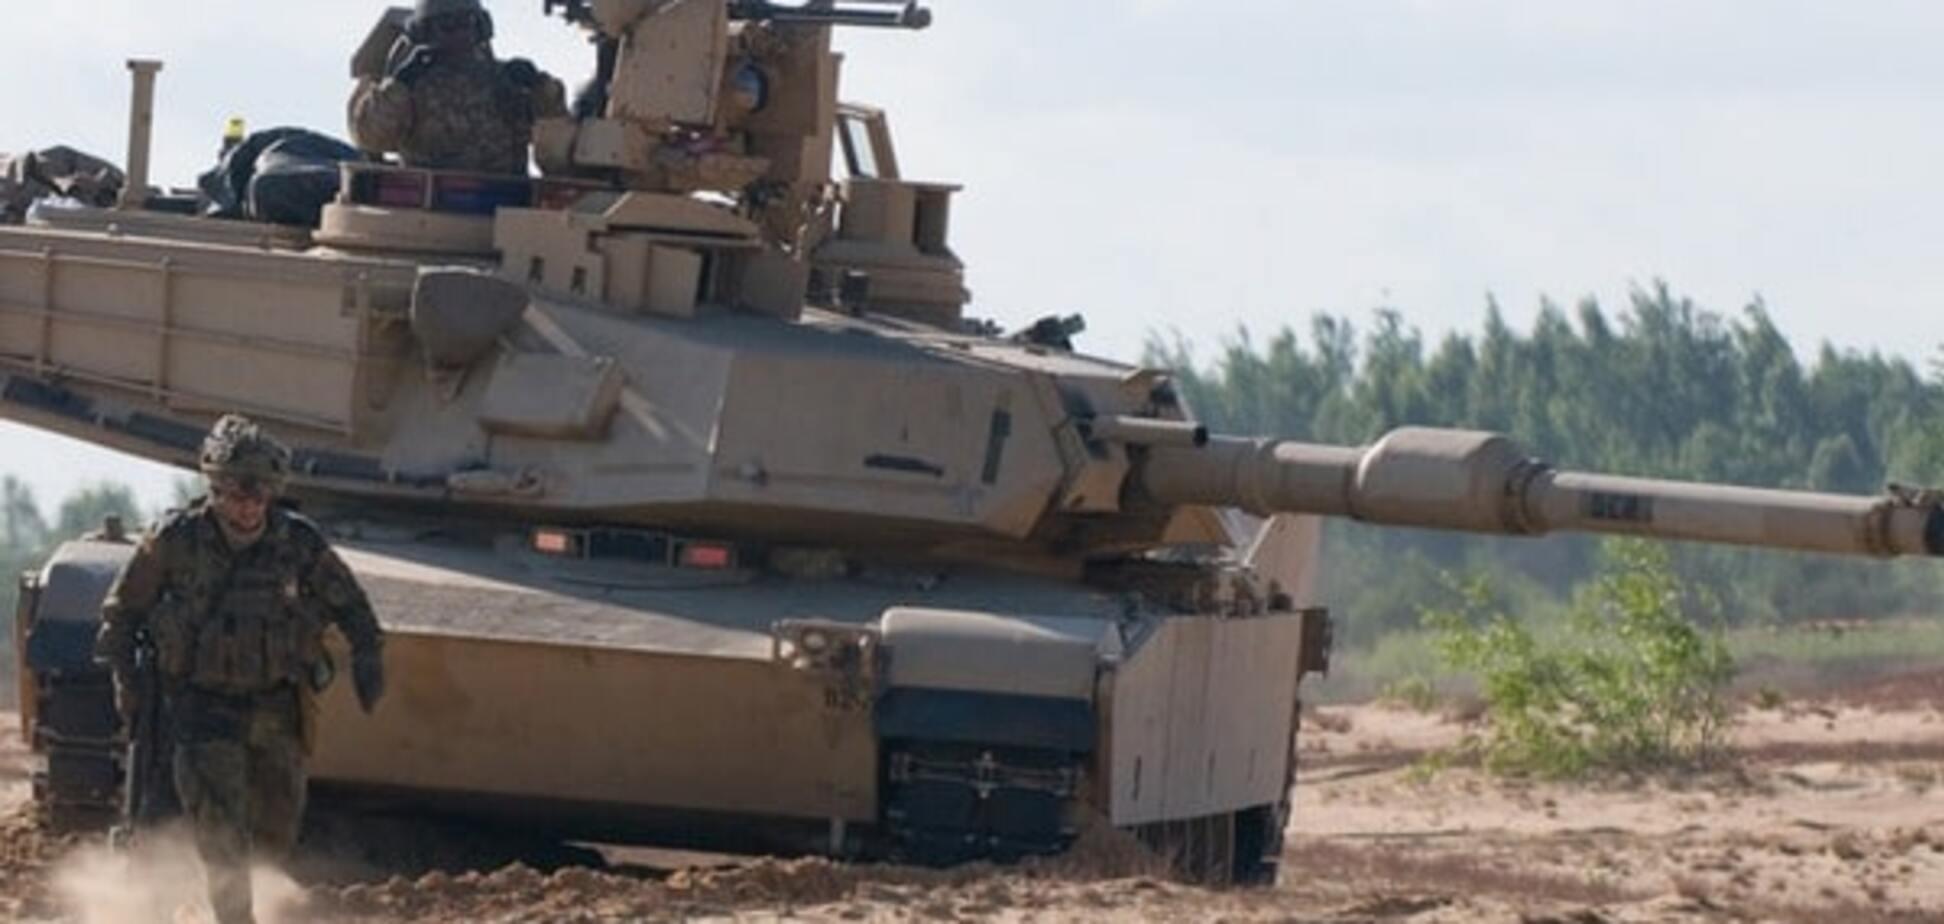 Гонки озброєнь не буде: військові витрати США в 2 рази перевищать бюджет всієї Росії